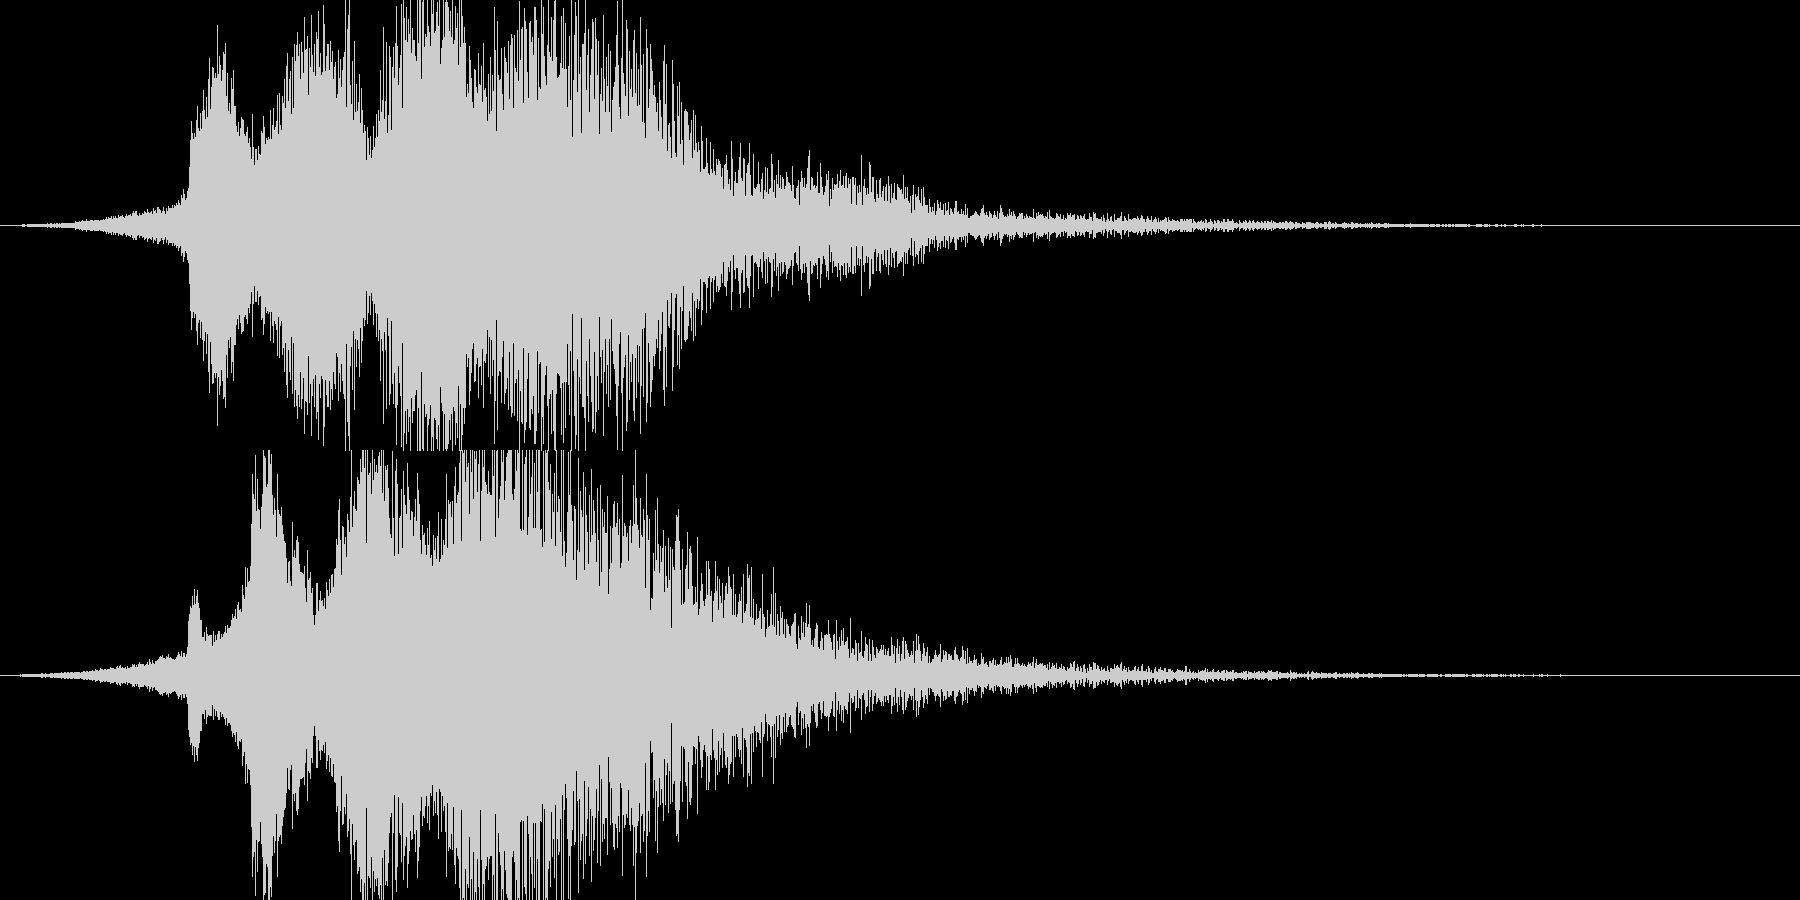 キラーン(アプリ、サウンドロゴ等に)の未再生の波形